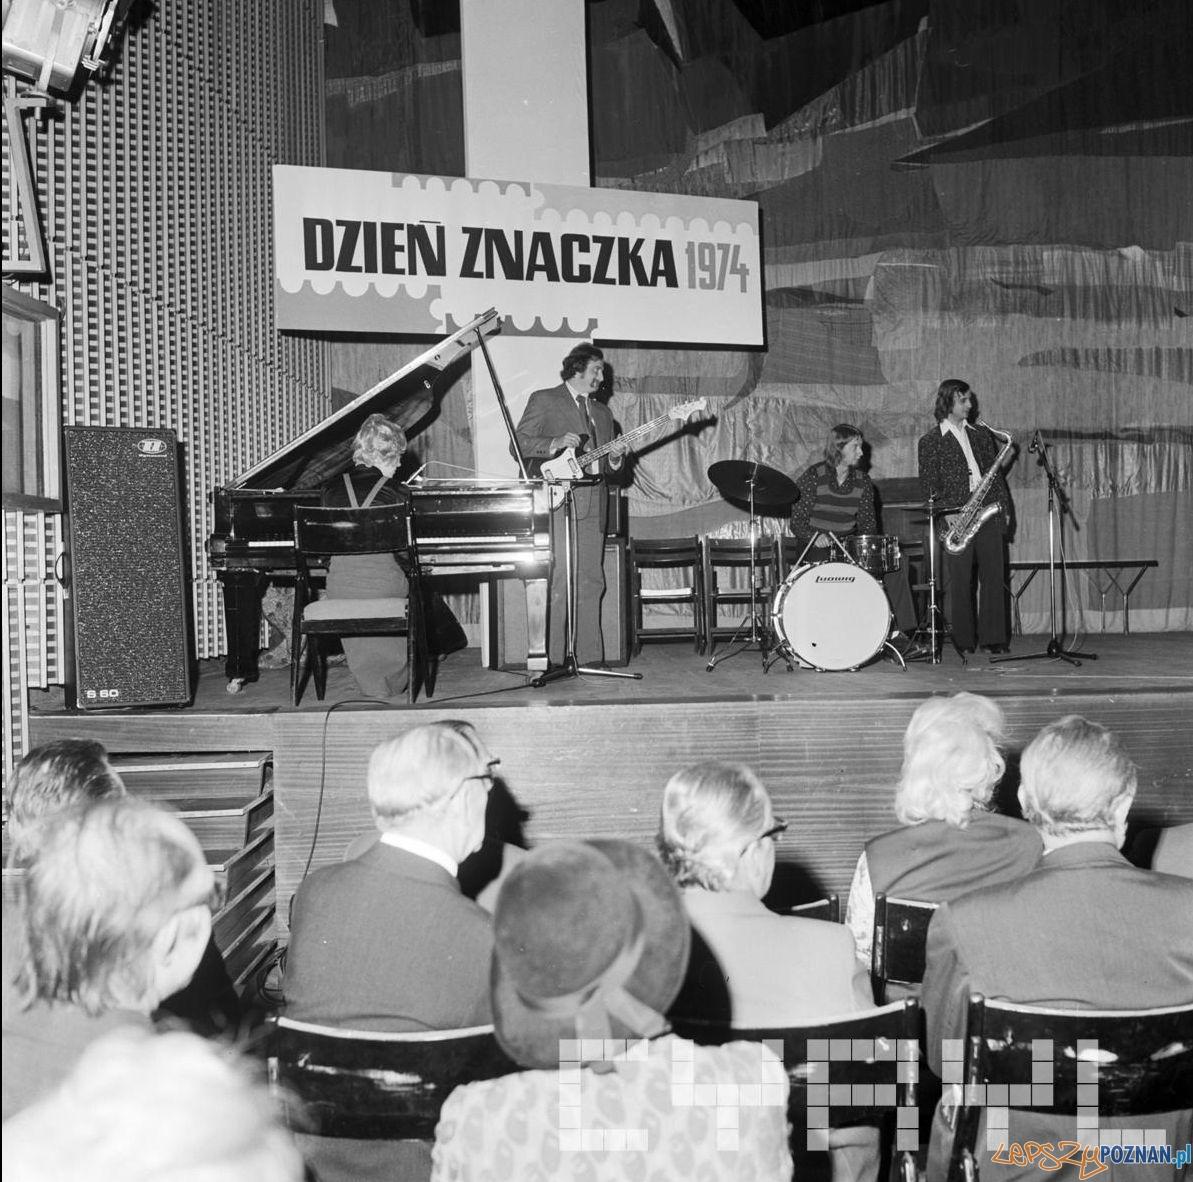 Dzień Znaczka w Pałacu Kultury - 24.10.1974